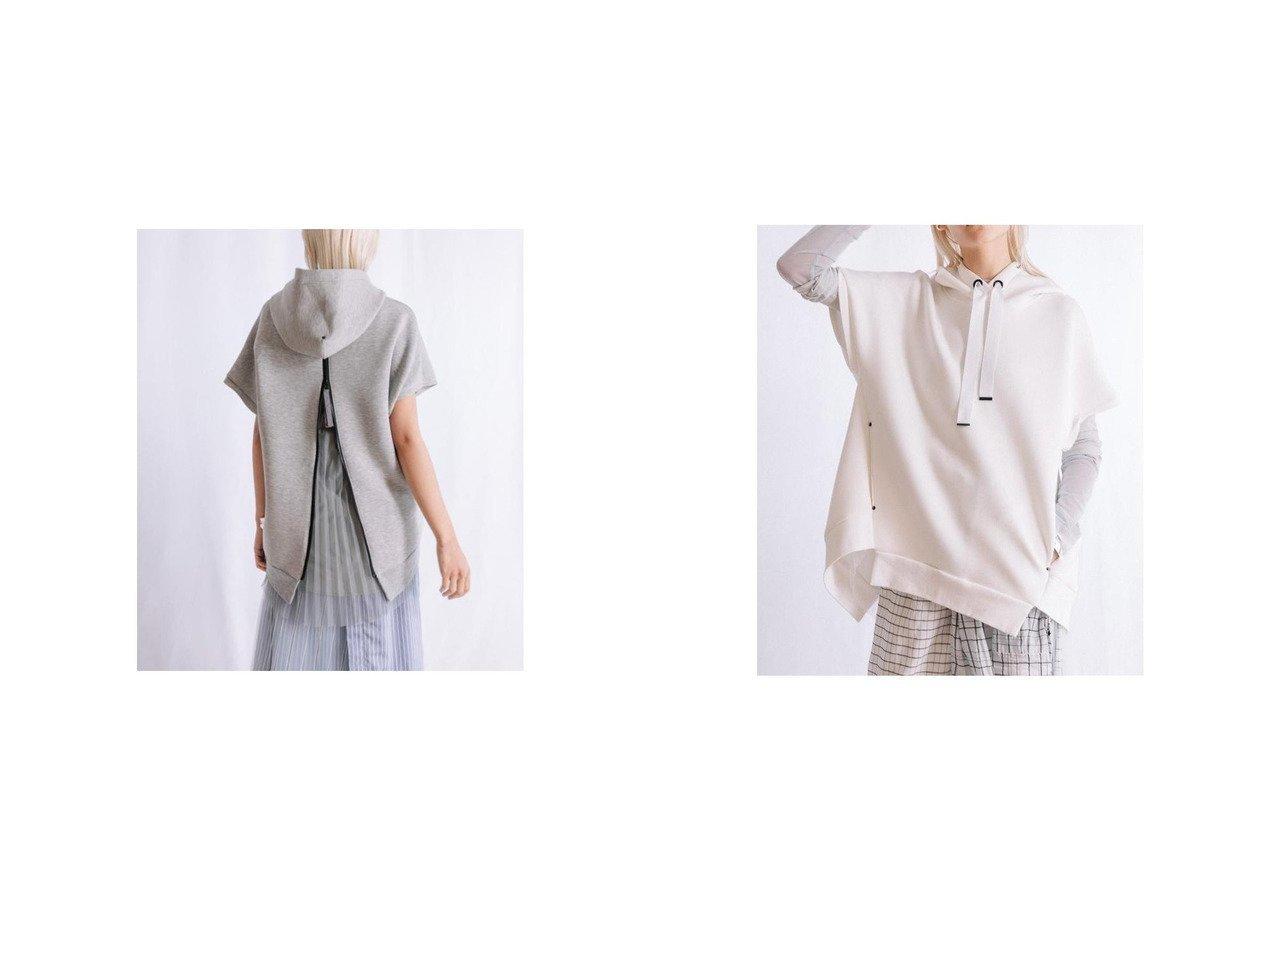 【AULA AILA/アウラアイラ】のSLEEVELESS BACK PLEATED HOODIE おすすめ!人気トレンド・レディースファッション通販 おすすめで人気の流行・トレンド、ファッションの通販商品 インテリア・家具・メンズファッション・キッズファッション・レディースファッション・服の通販 founy(ファニー) https://founy.com/ ファッション Fashion レディースファッション WOMEN トップス・カットソー Tops/Tshirt 2021年 2021 2021春夏・S/S SS/Spring/Summer/2021 S/S・春夏 SS・Spring/Summer おすすめ Recommend アイレット インナー ジップ ジャージー センター タフタ トレンド プリント ベスト 夏 Summer 春 Spring 長袖  ID:crp329100000054569